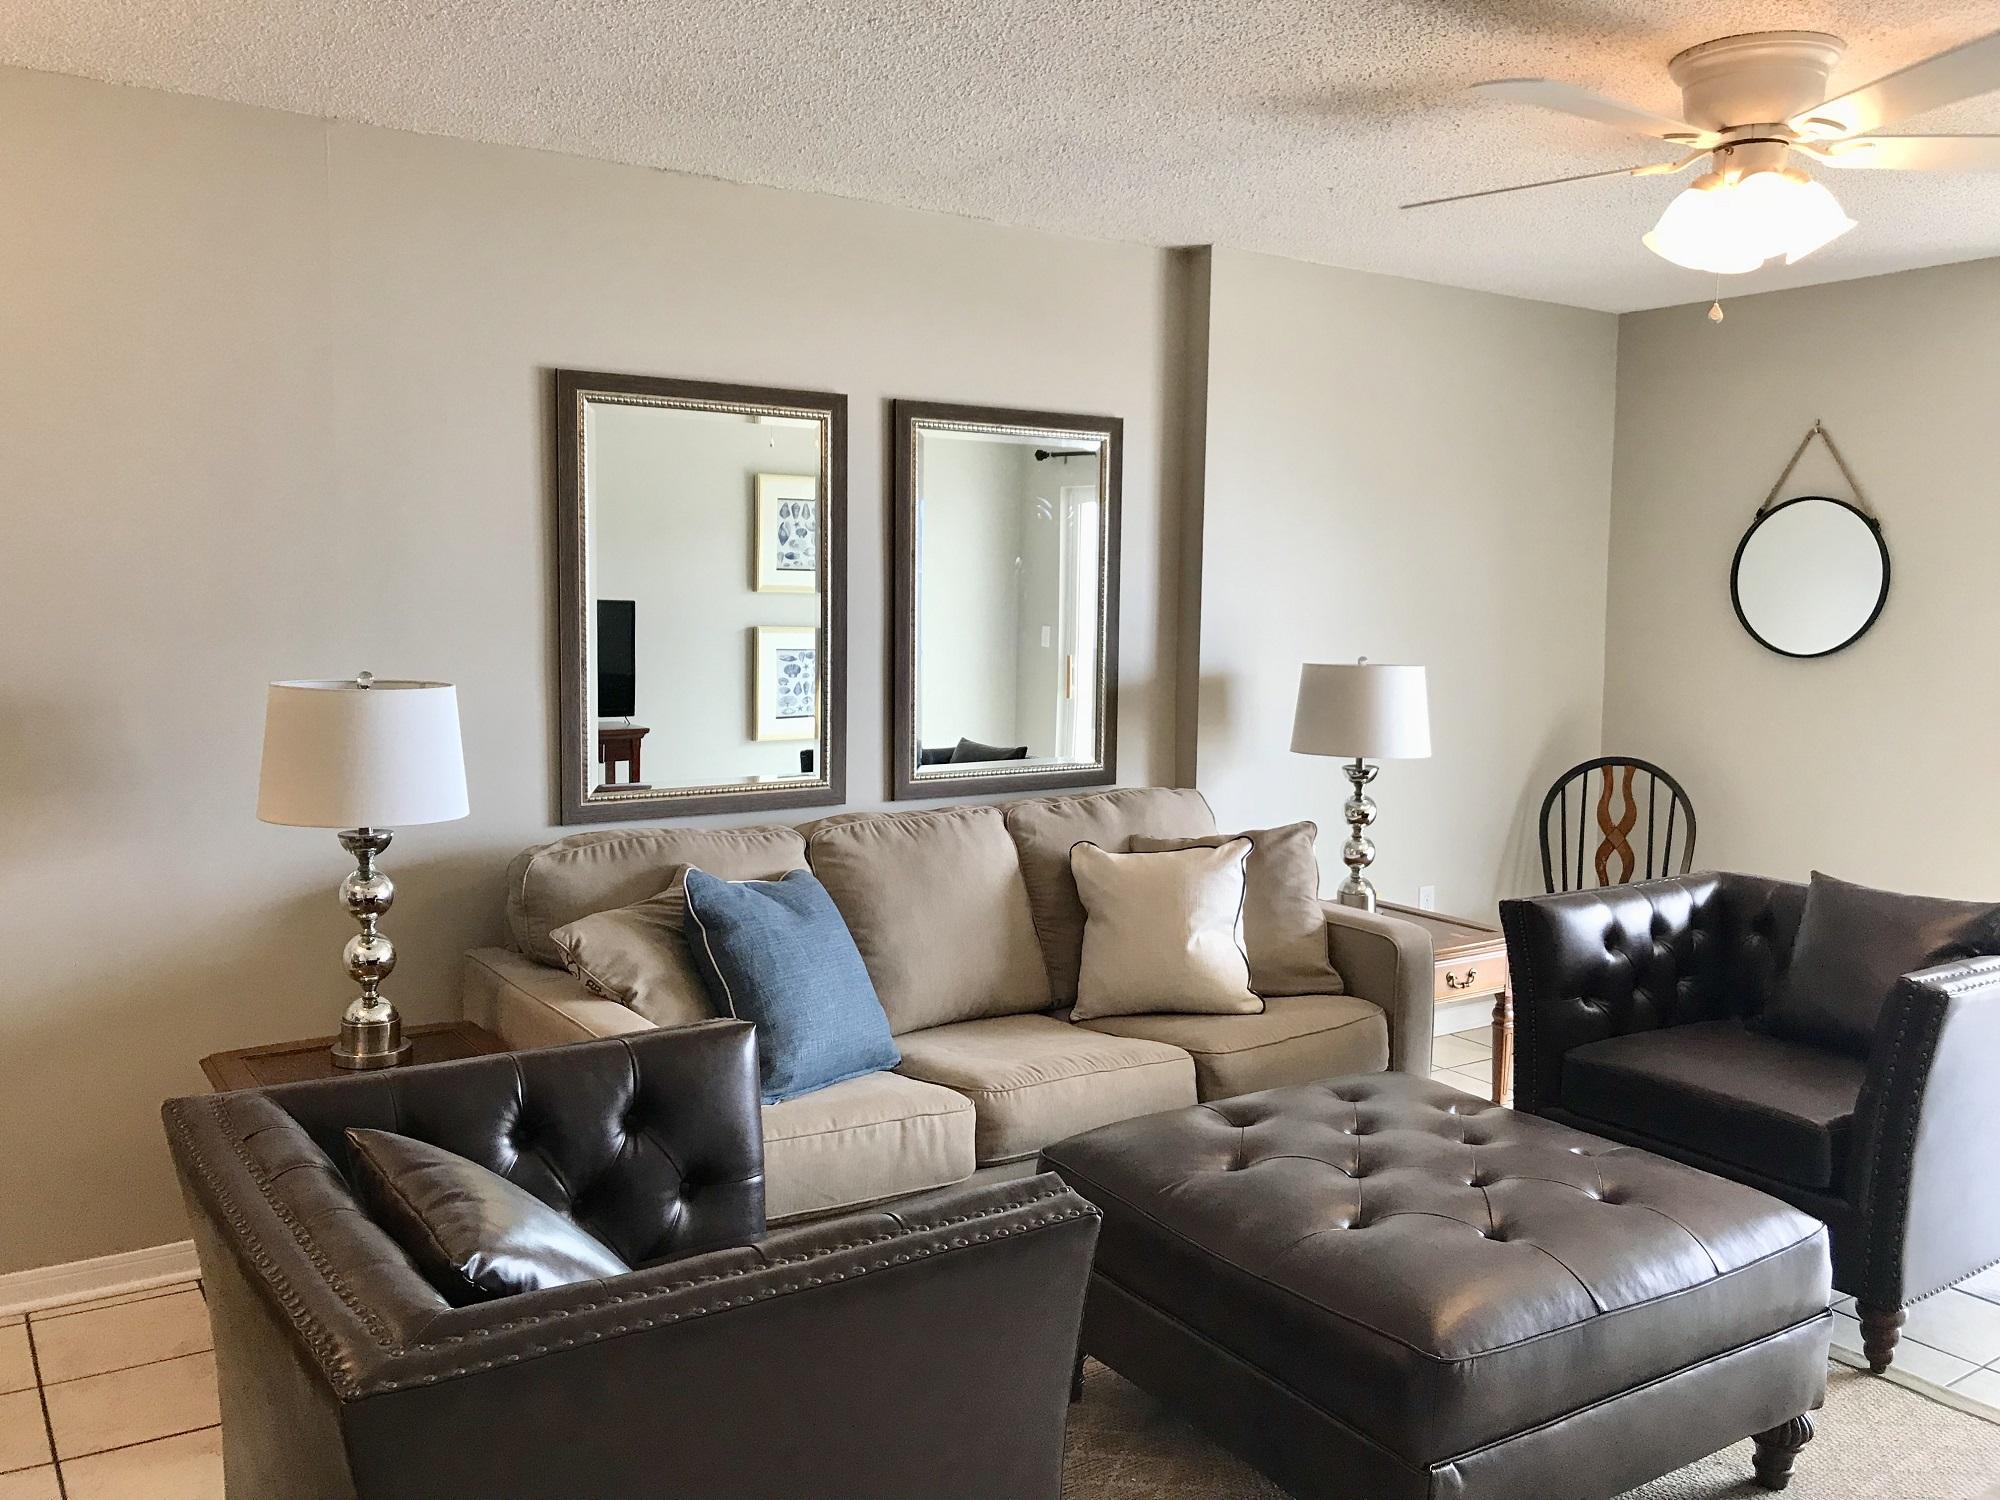 Ocean House 1206 Condo rental in Ocean House - Gulf Shores in Gulf Shores Alabama - #3